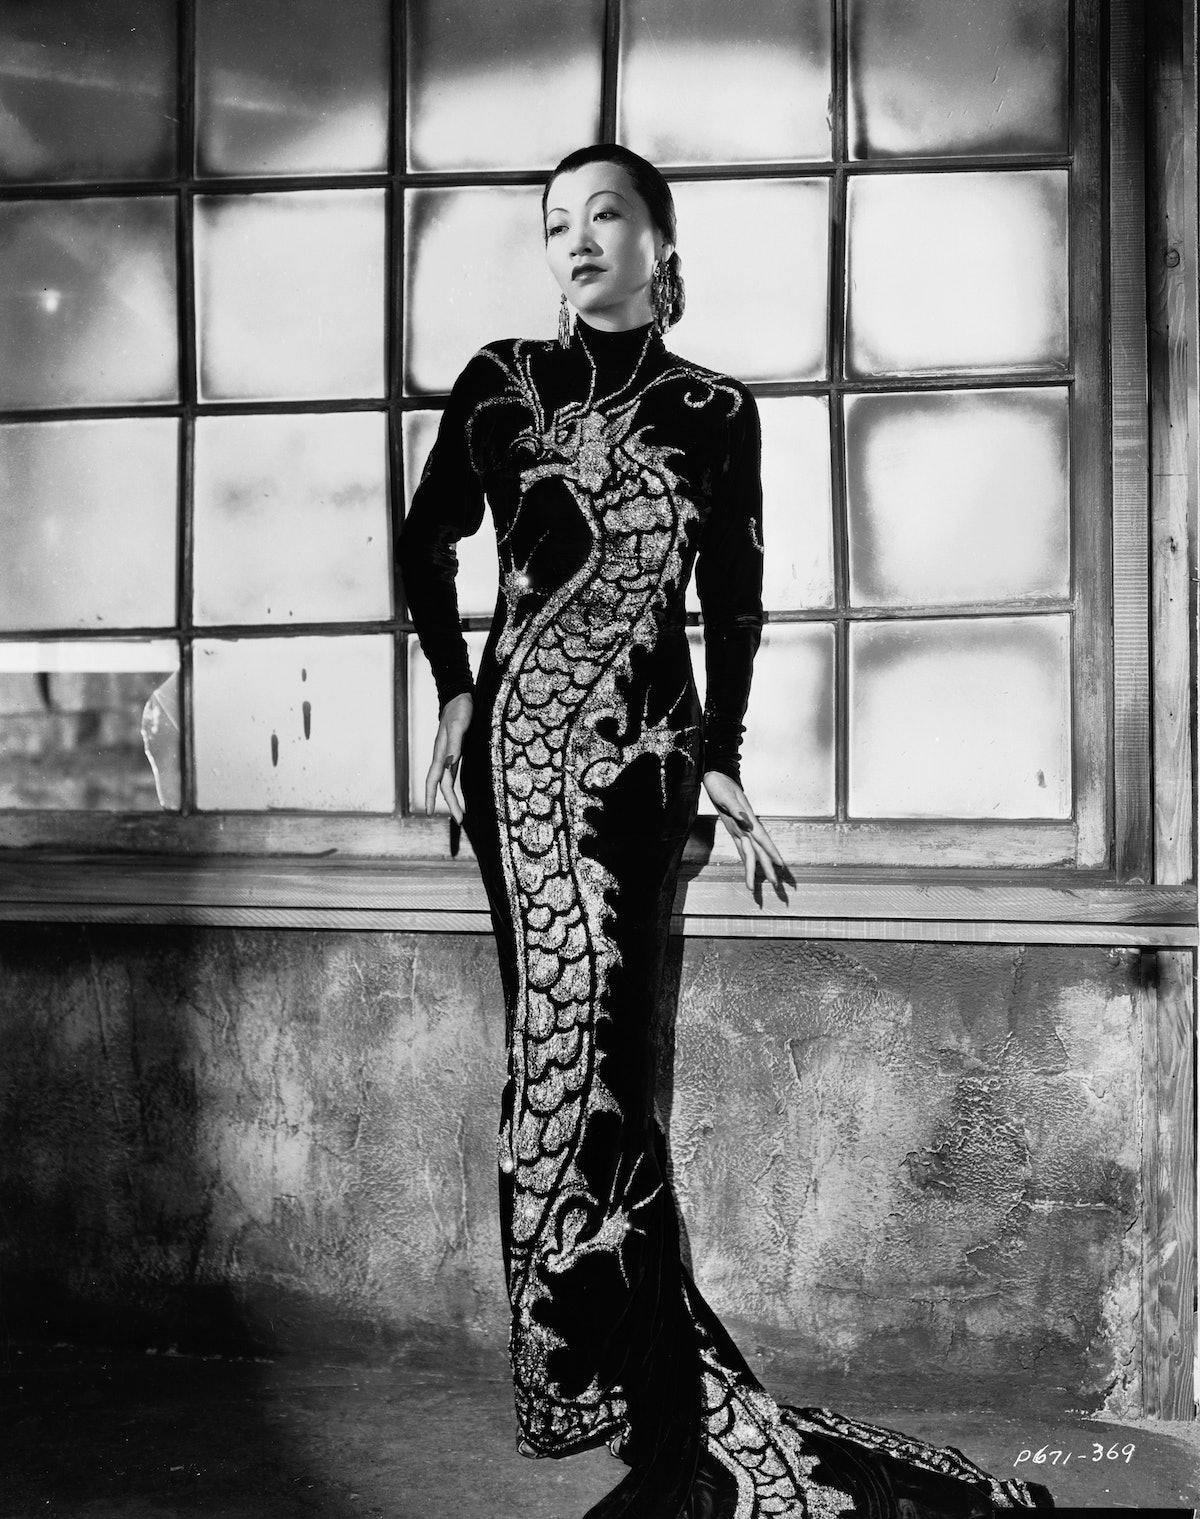 آنا می وونگ ، ستاره فیلم چینی -آمریکایی ، (1905 - 1961) با لباسی با نقش اژدها در یک مجله عمومی ...